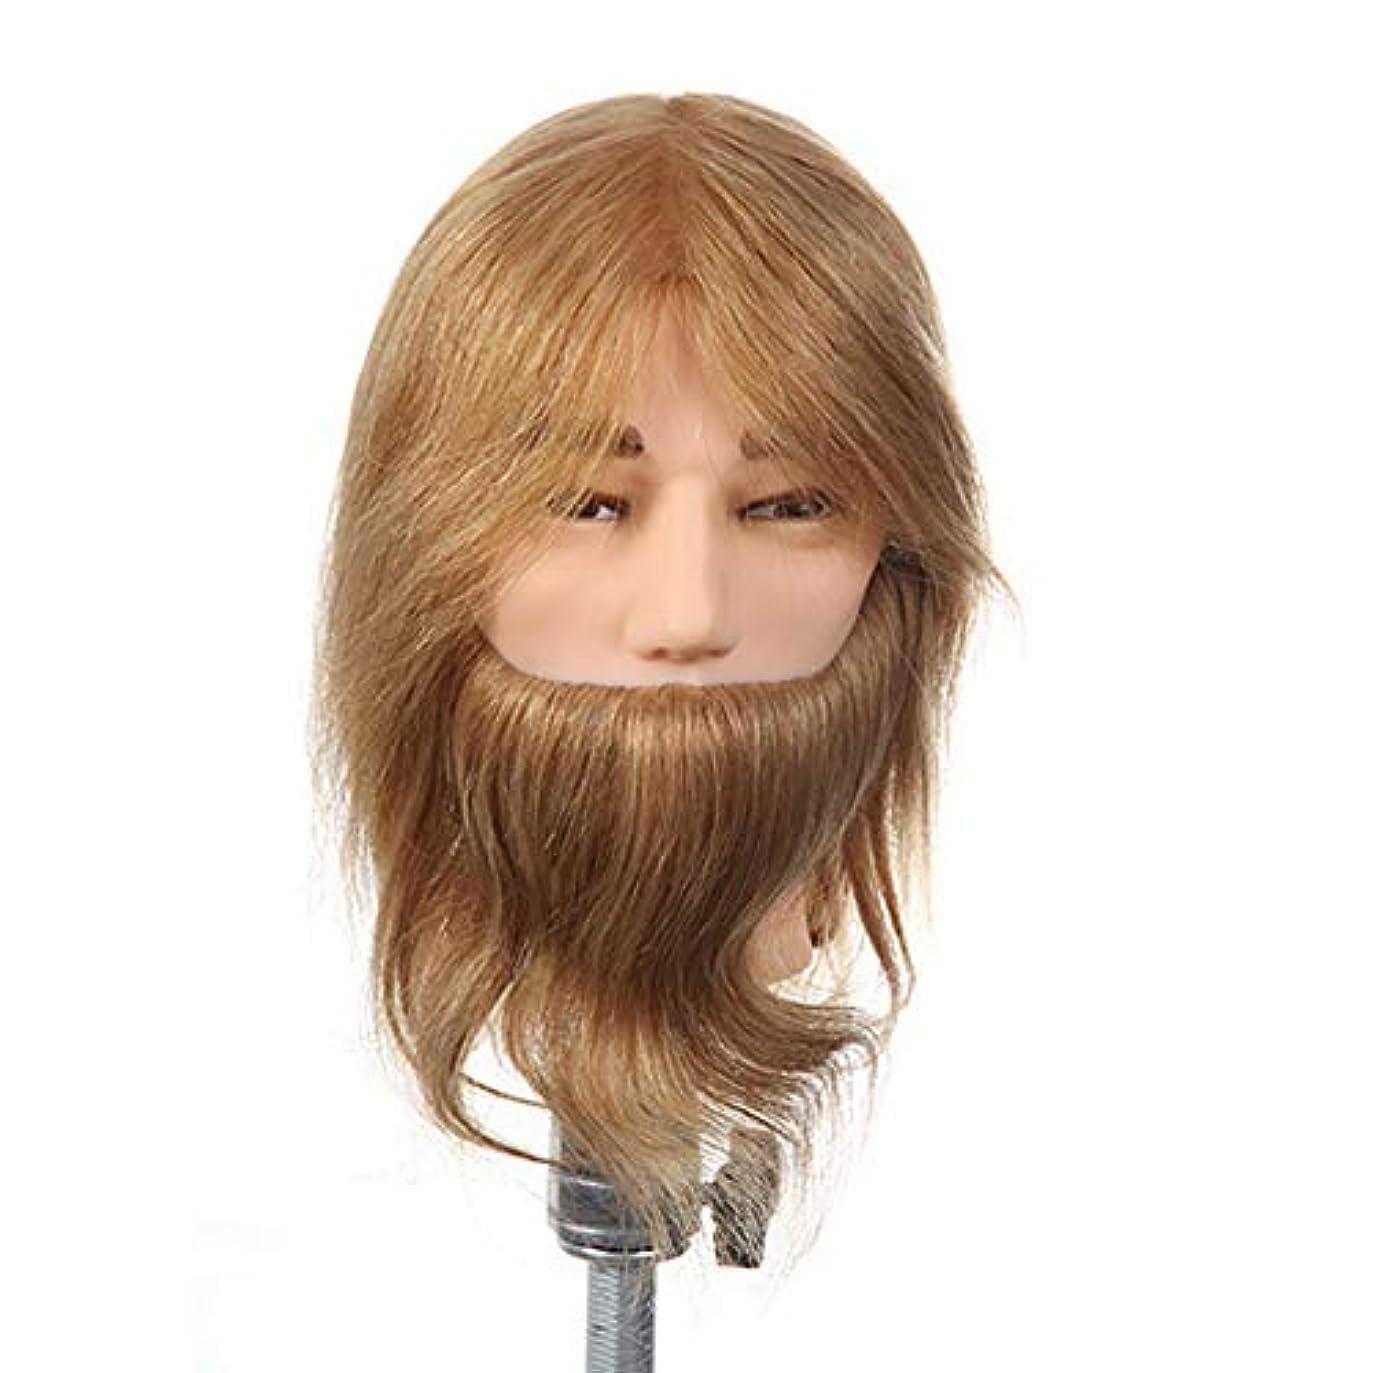 暴徒税金こっそりサロン学習パーマ髪染めマネキン男スタイリングかつらティーチングヘッドリアル人間の髪ダミーヘッド付きひげロングヘアゴールド